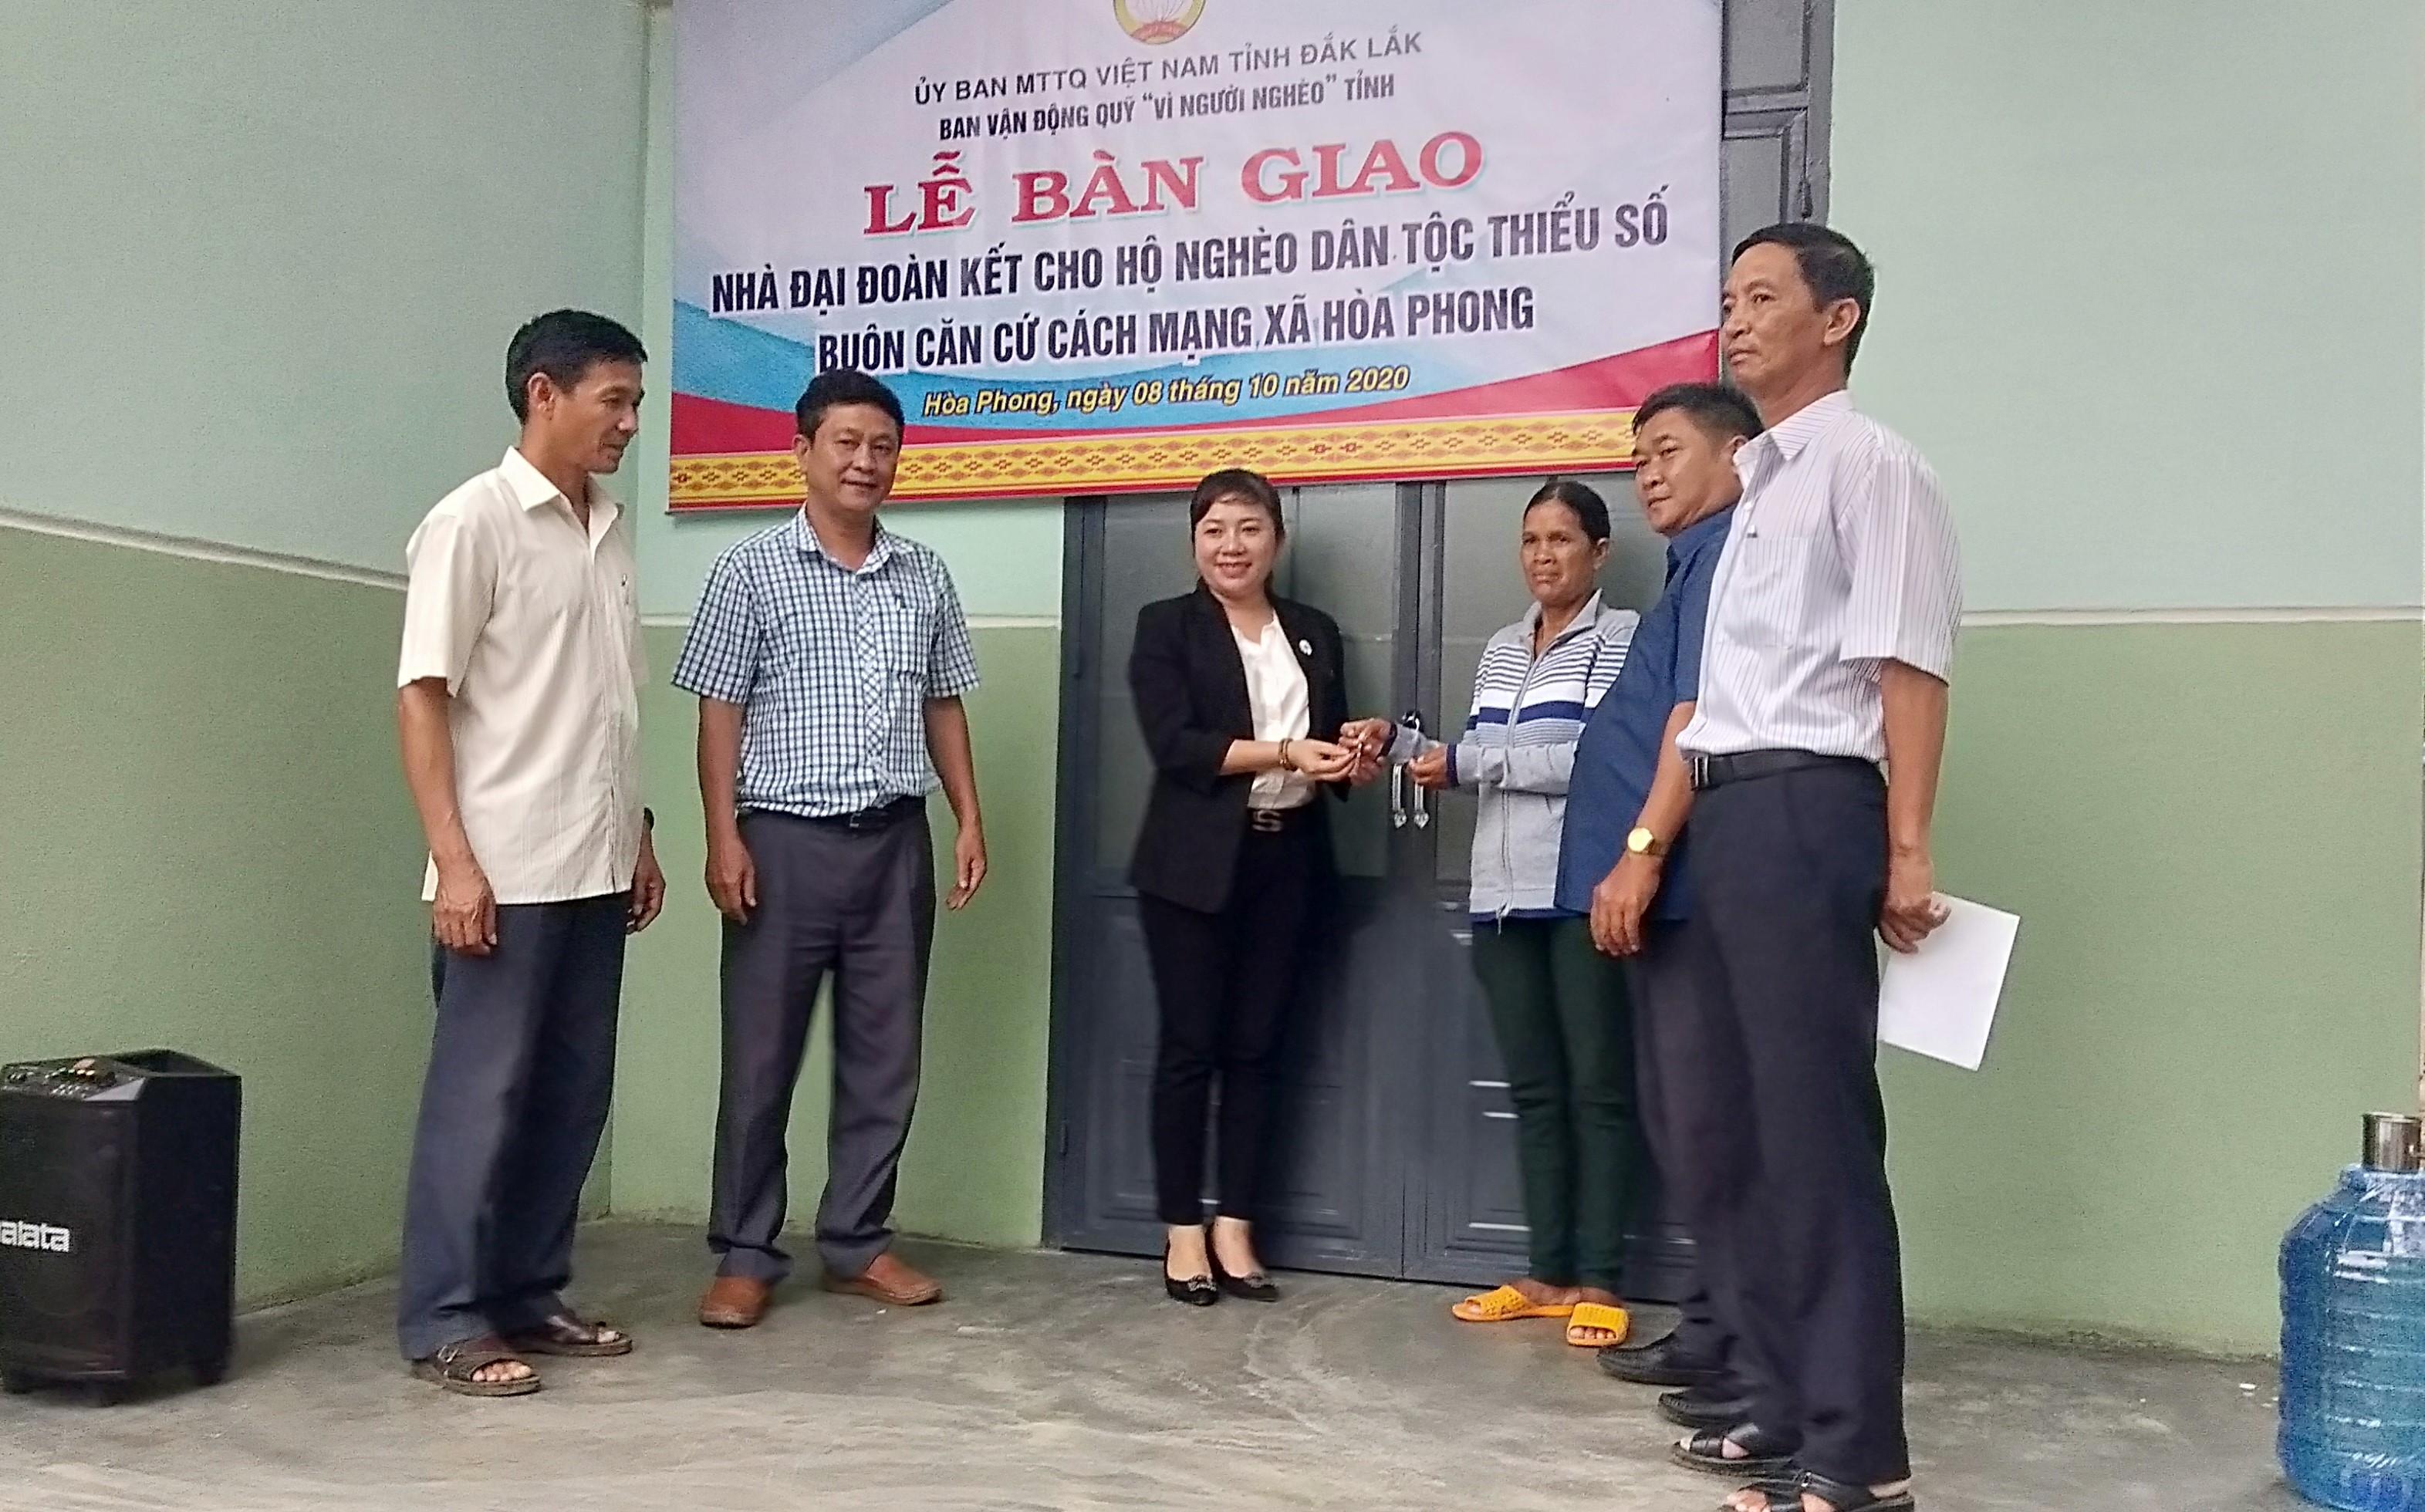 Bàn giao 2 ngôi nhà Đại đoàn kết ở huyện Krông Bông